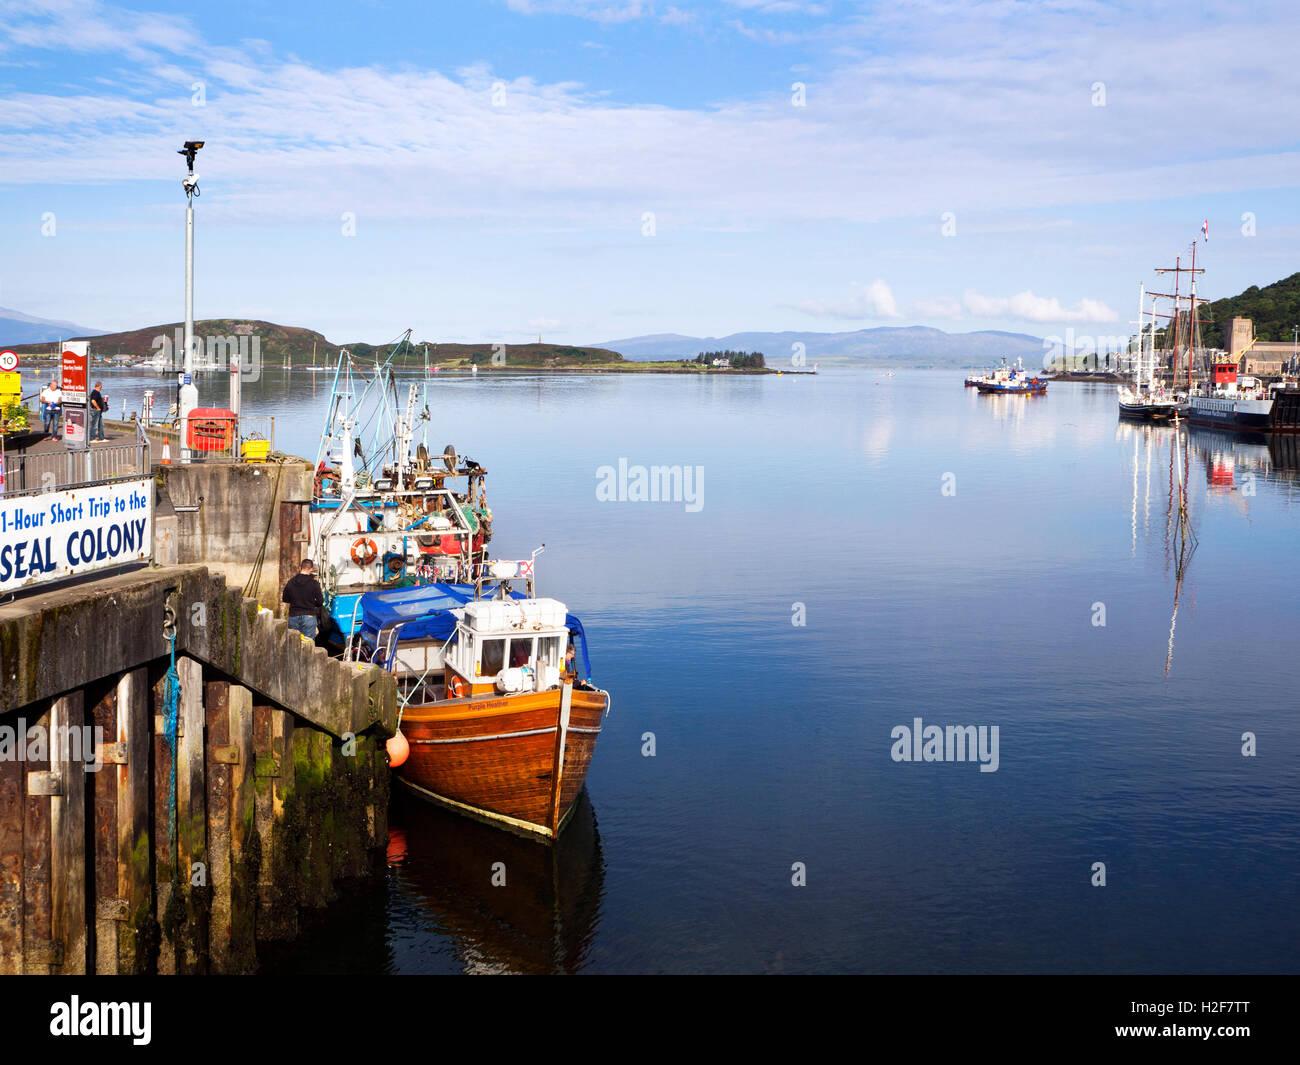 Colonia de Focas viaje en lancha al muelle y ferrocarril de la bahía de Oban Oban Argyll and Bute Escocia Imagen De Stock